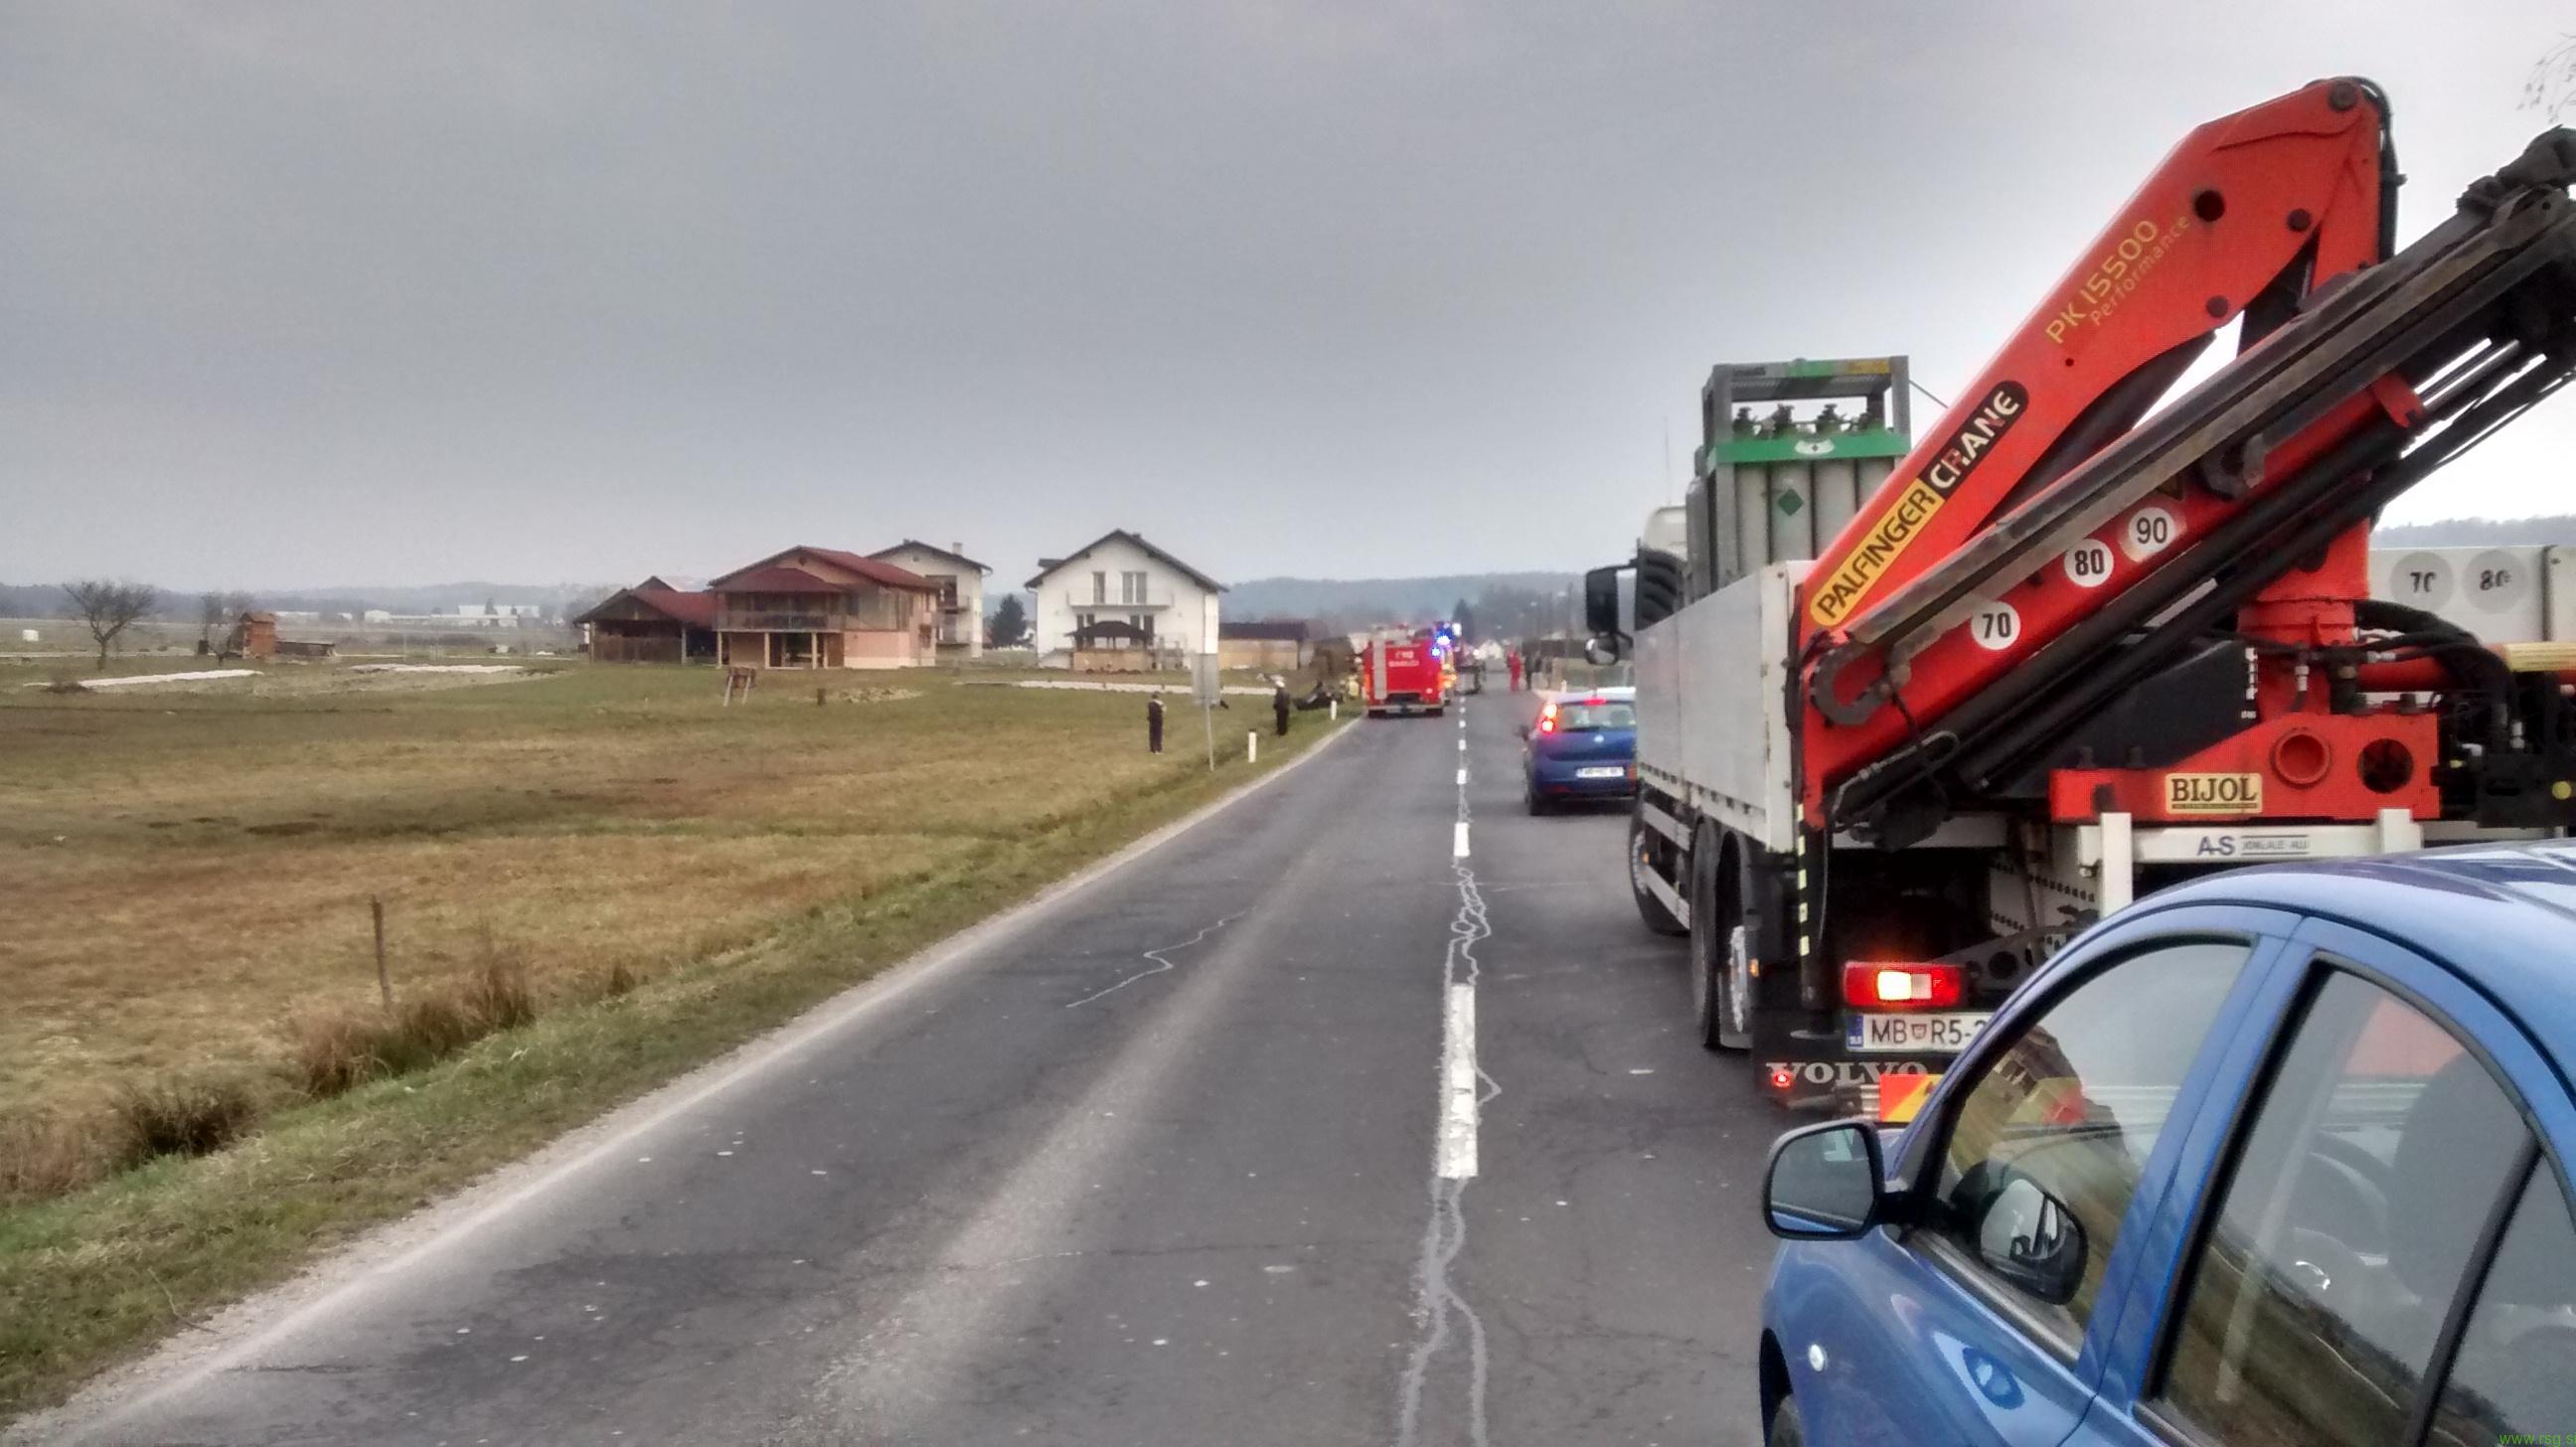 Smrtna žrtev v prometni nesreči v Novi vasi pri Ptuju